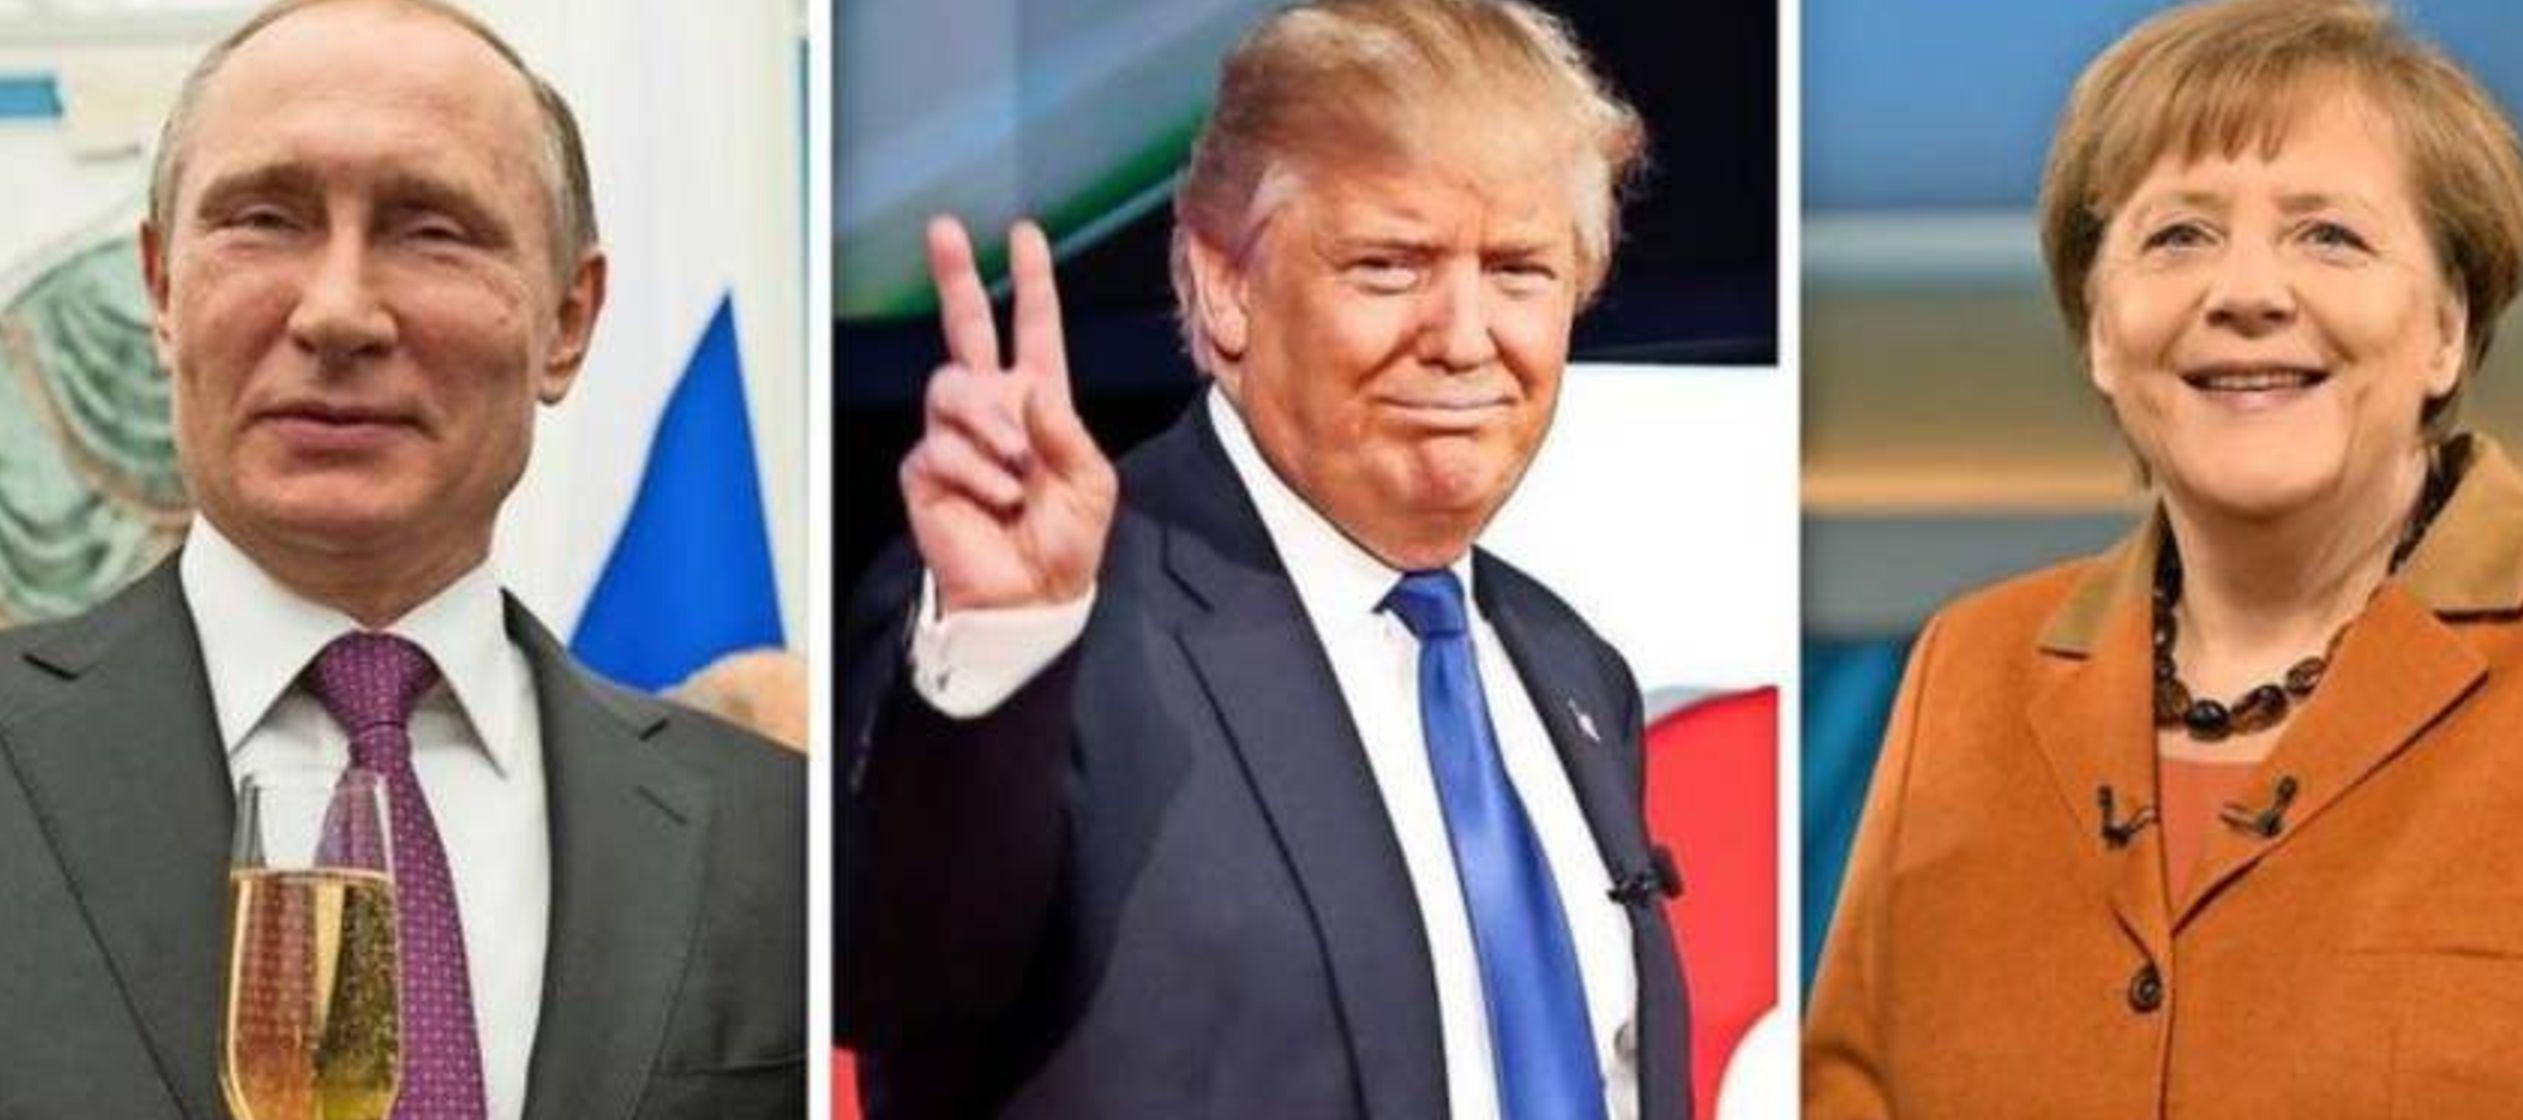 Angela Merkel y Vladimir Putin, una pareja improbable unida por Donald Trump